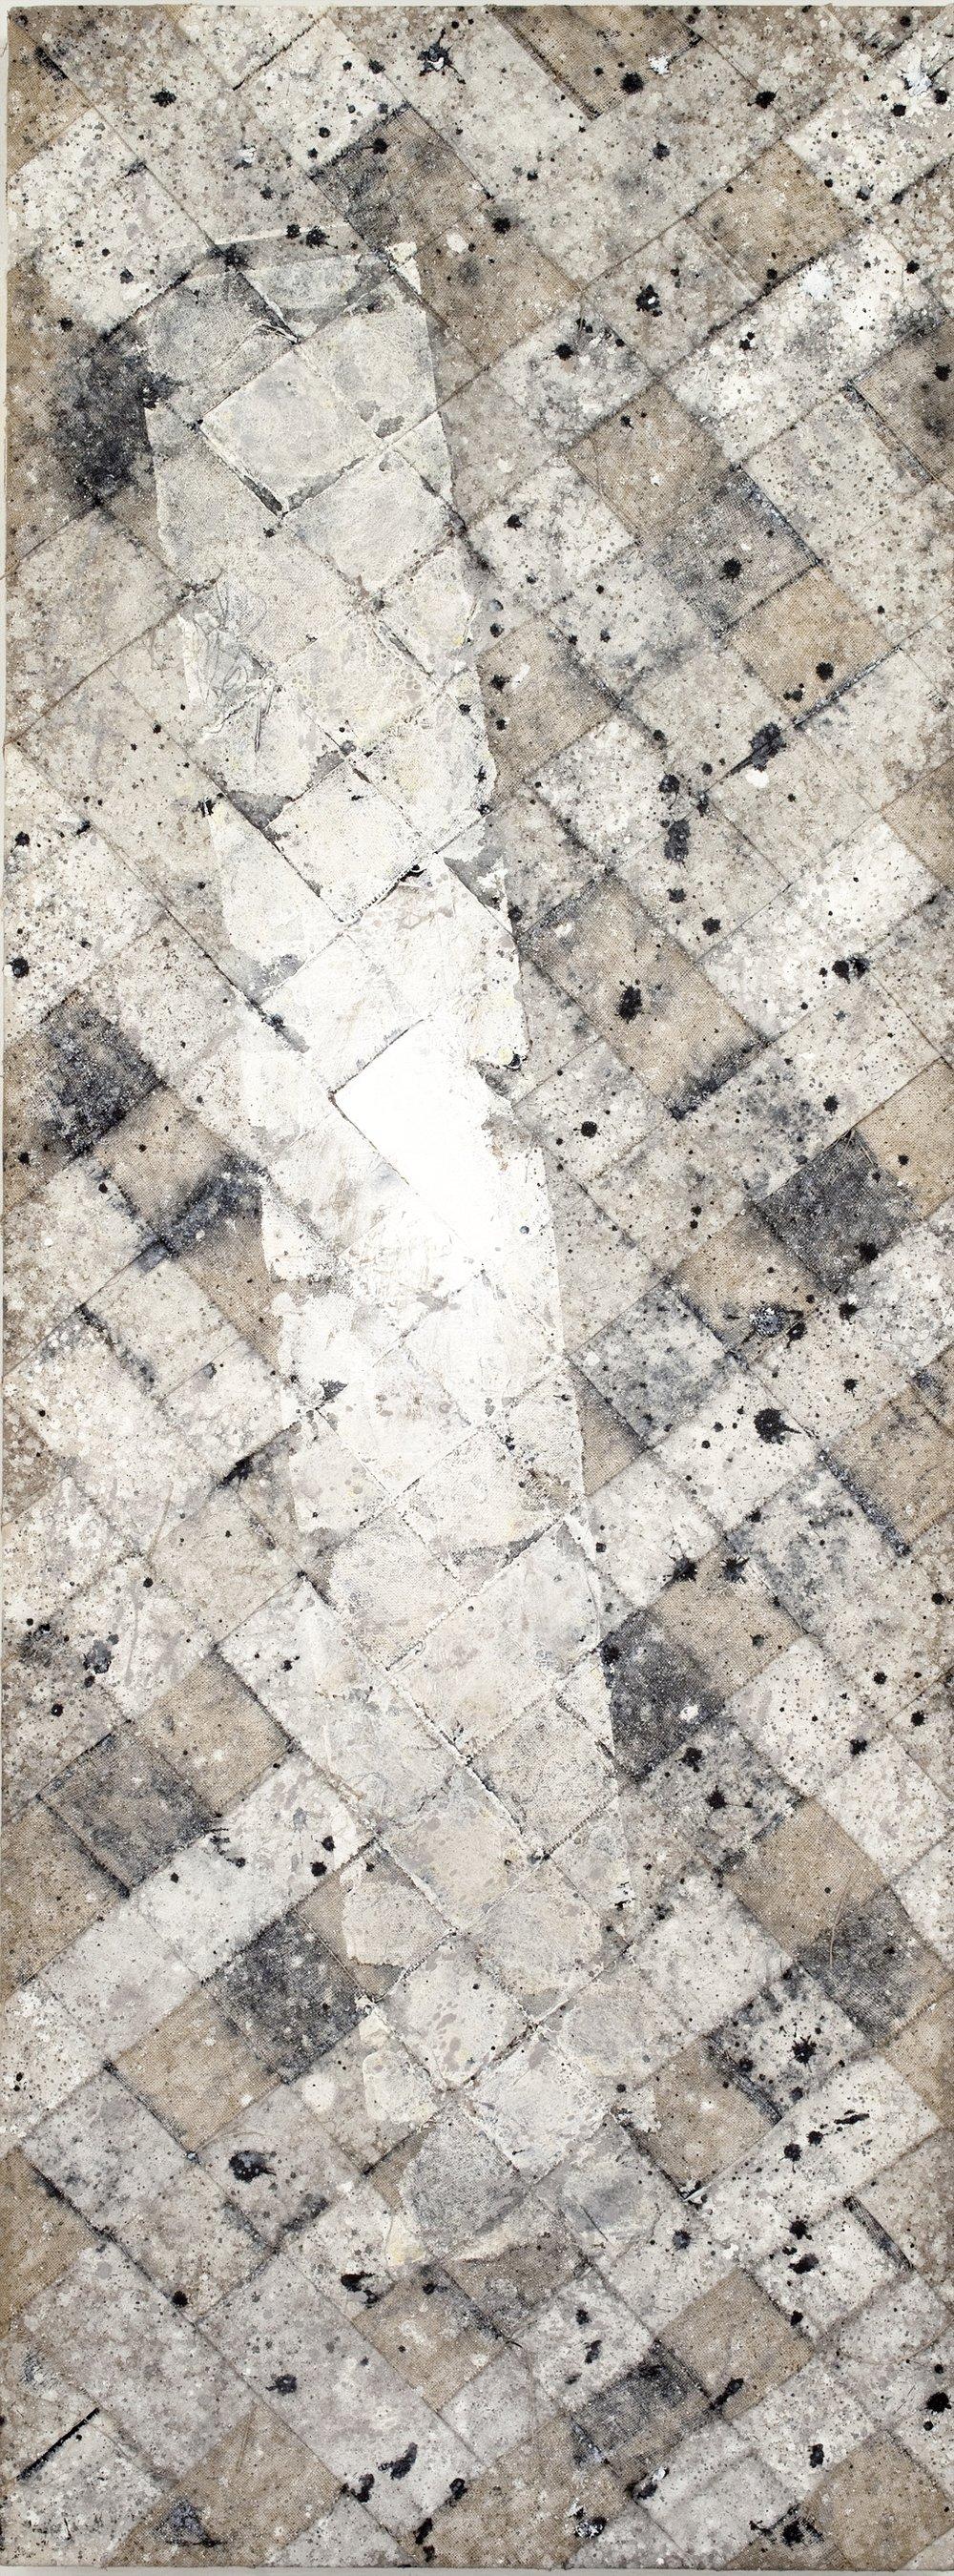 """""""Padmasambhava"""" 80 x 30 inches, 2012"""